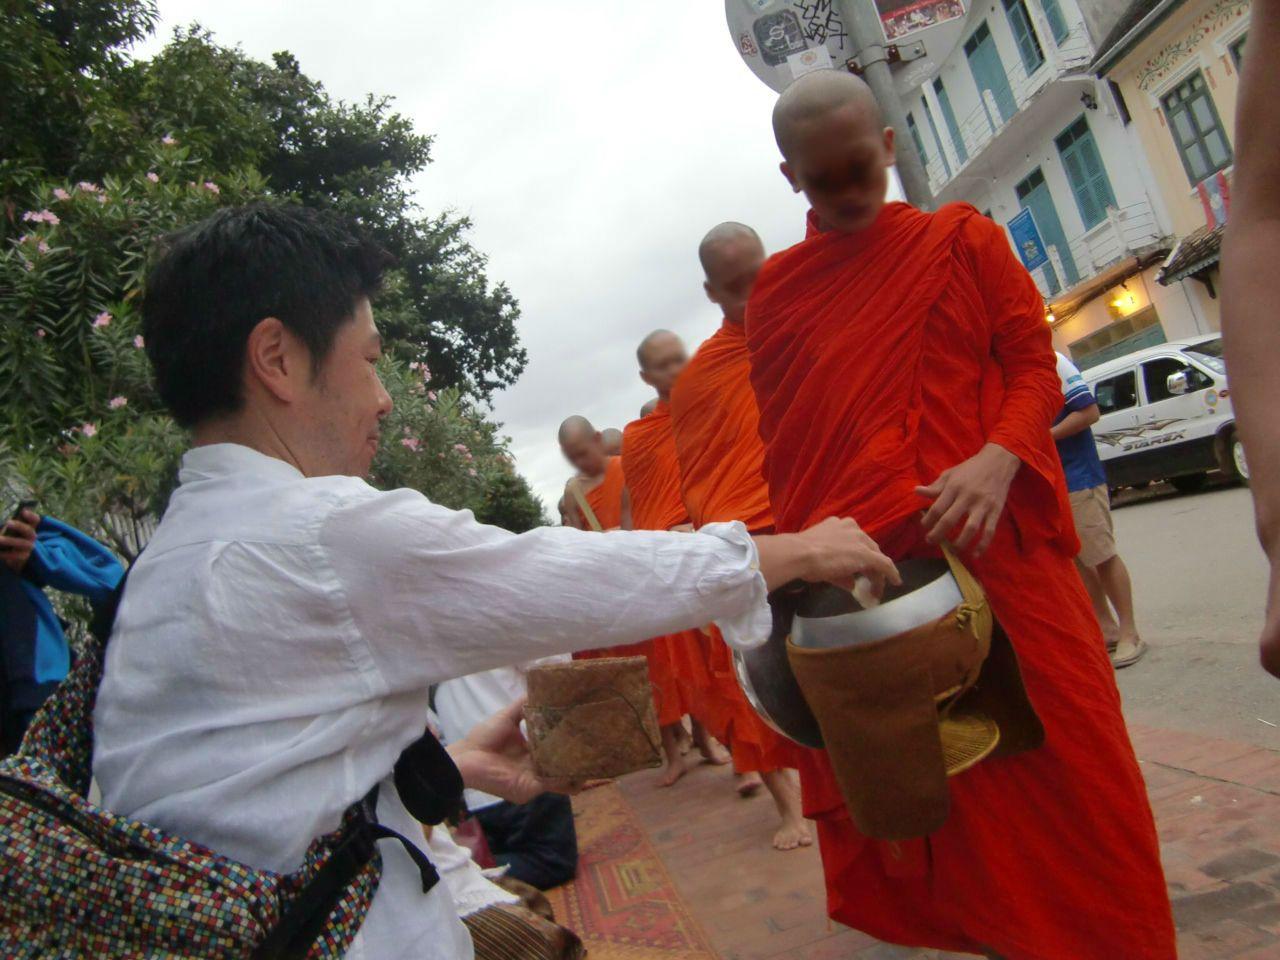 ルアンパバーンの托鉢儀礼は見るだけなく参加もできる。